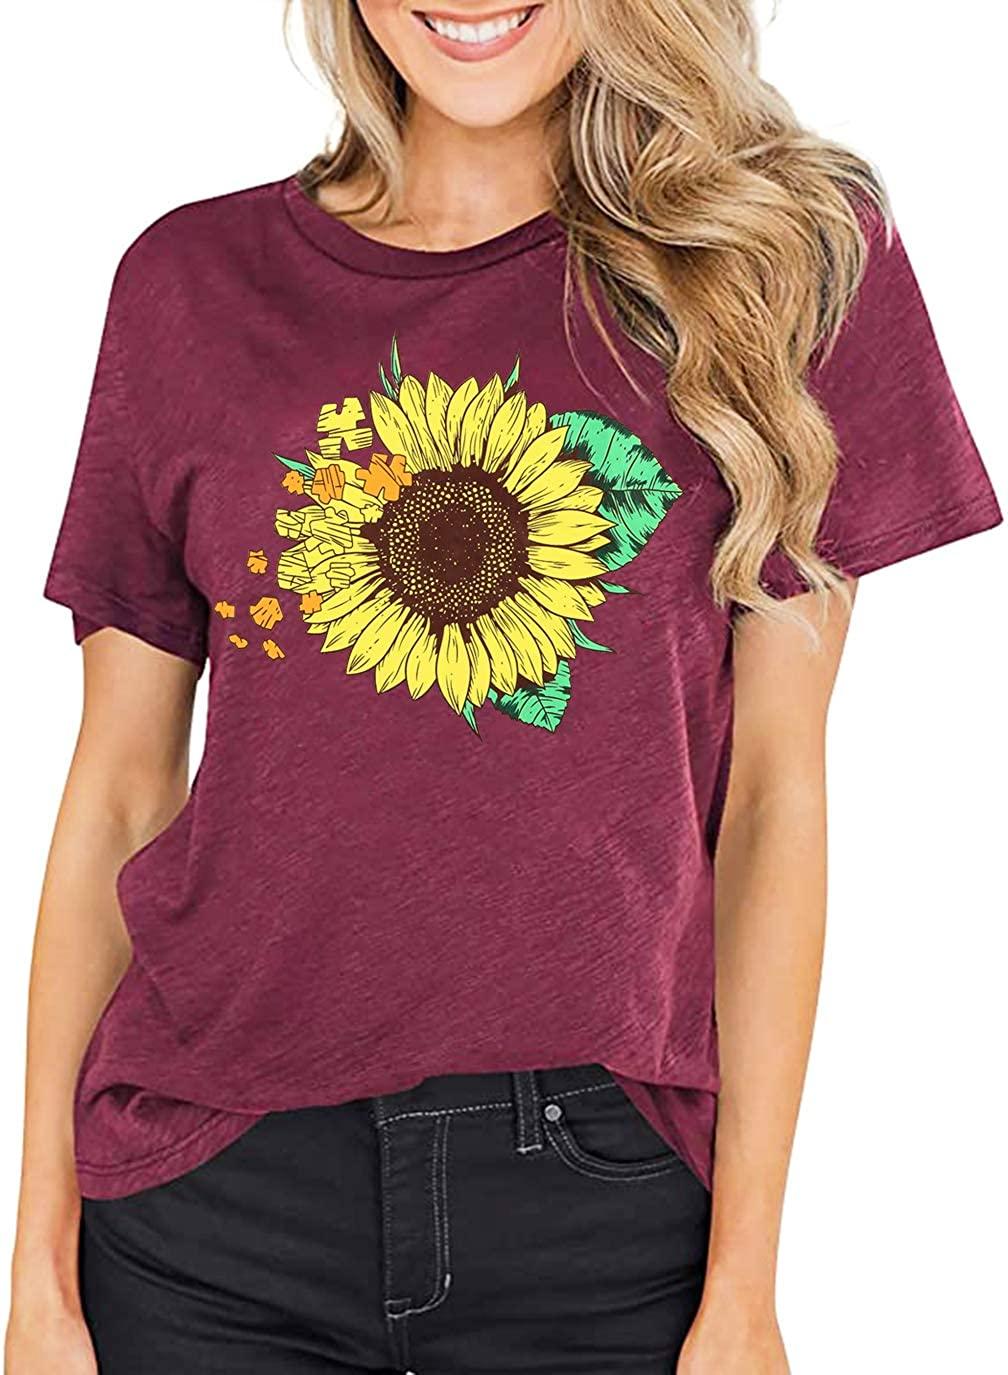 Sunflower Shirts Women Faith Tops Summer Casual Short Sleeve T Shirt Junior Teen Girls Funny Graphic Inspirational Tees